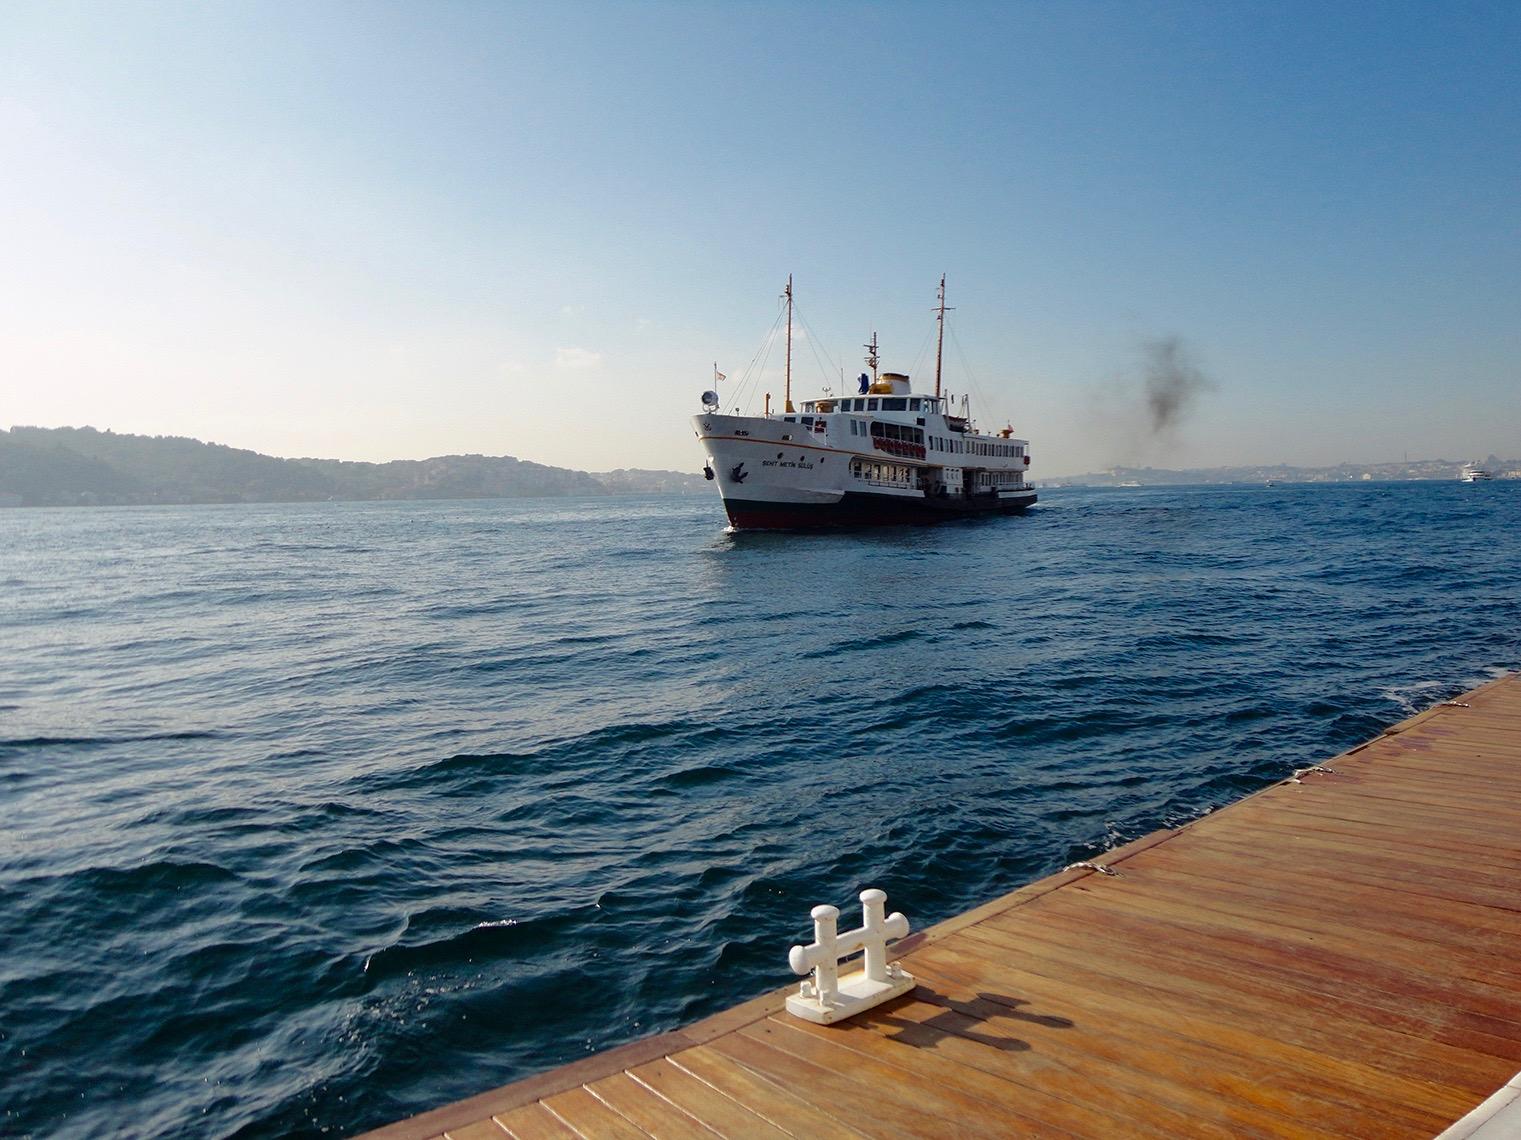 Ship up close on the Bosphorous Istanbul Turkey